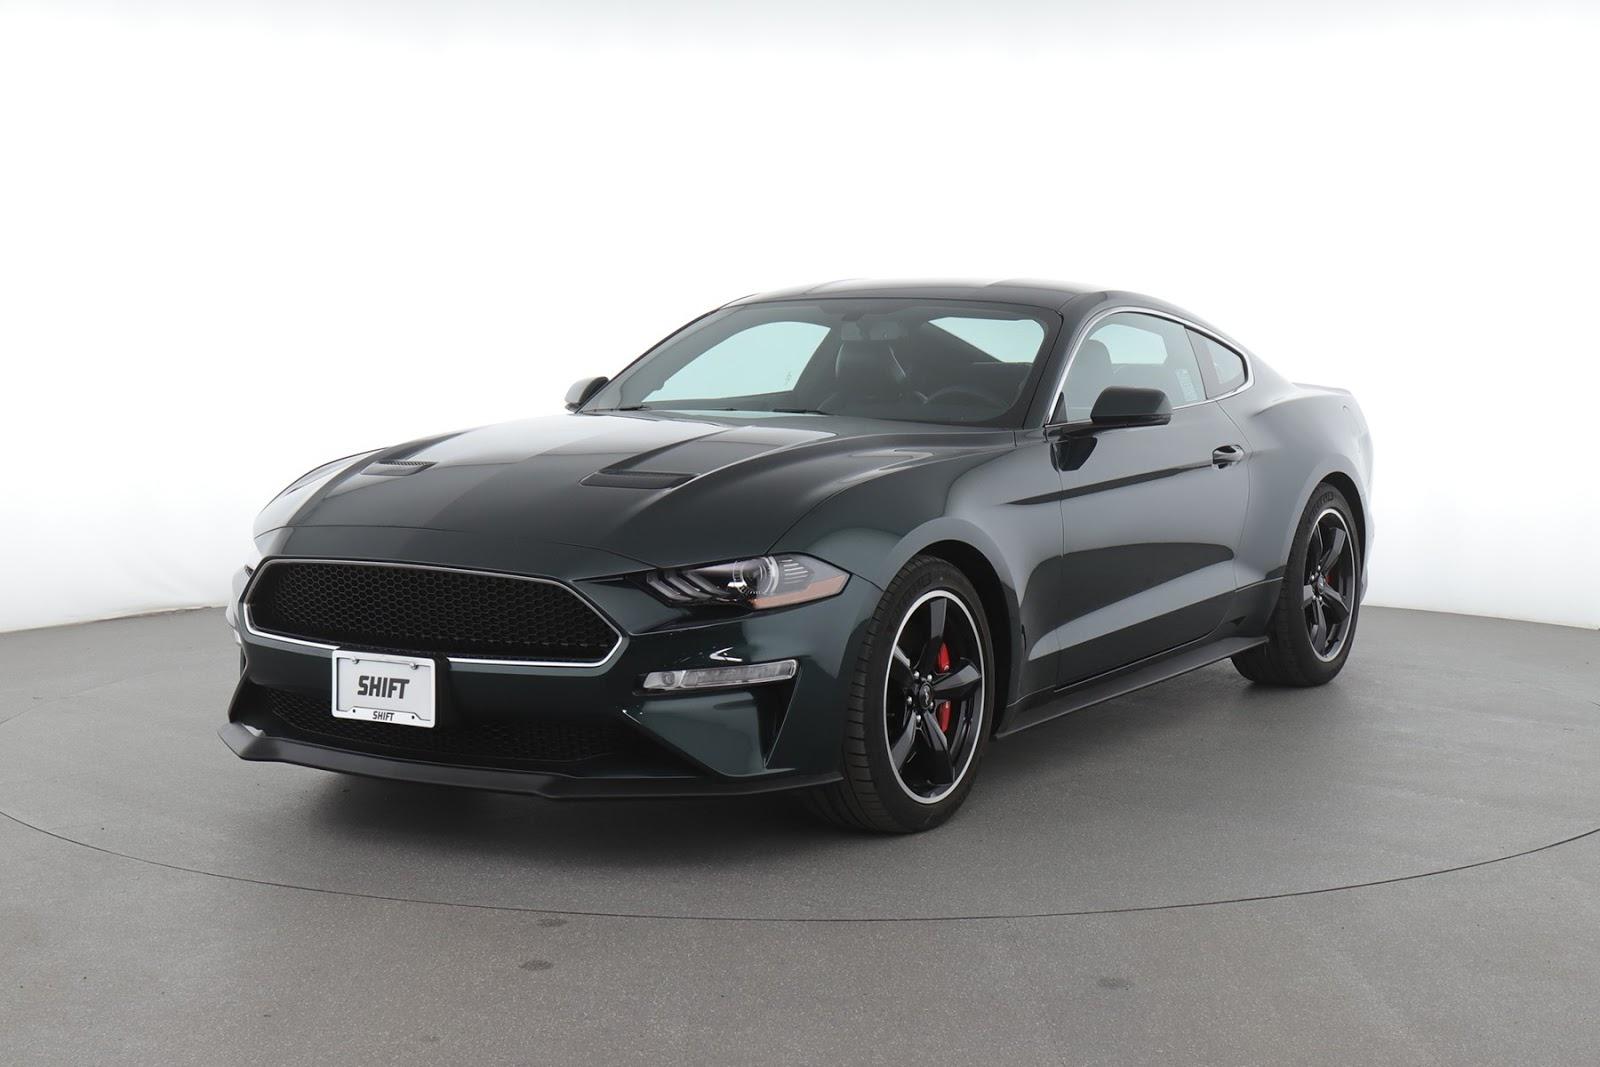 2019 Ford Mustang Bullitt (from $44,000)